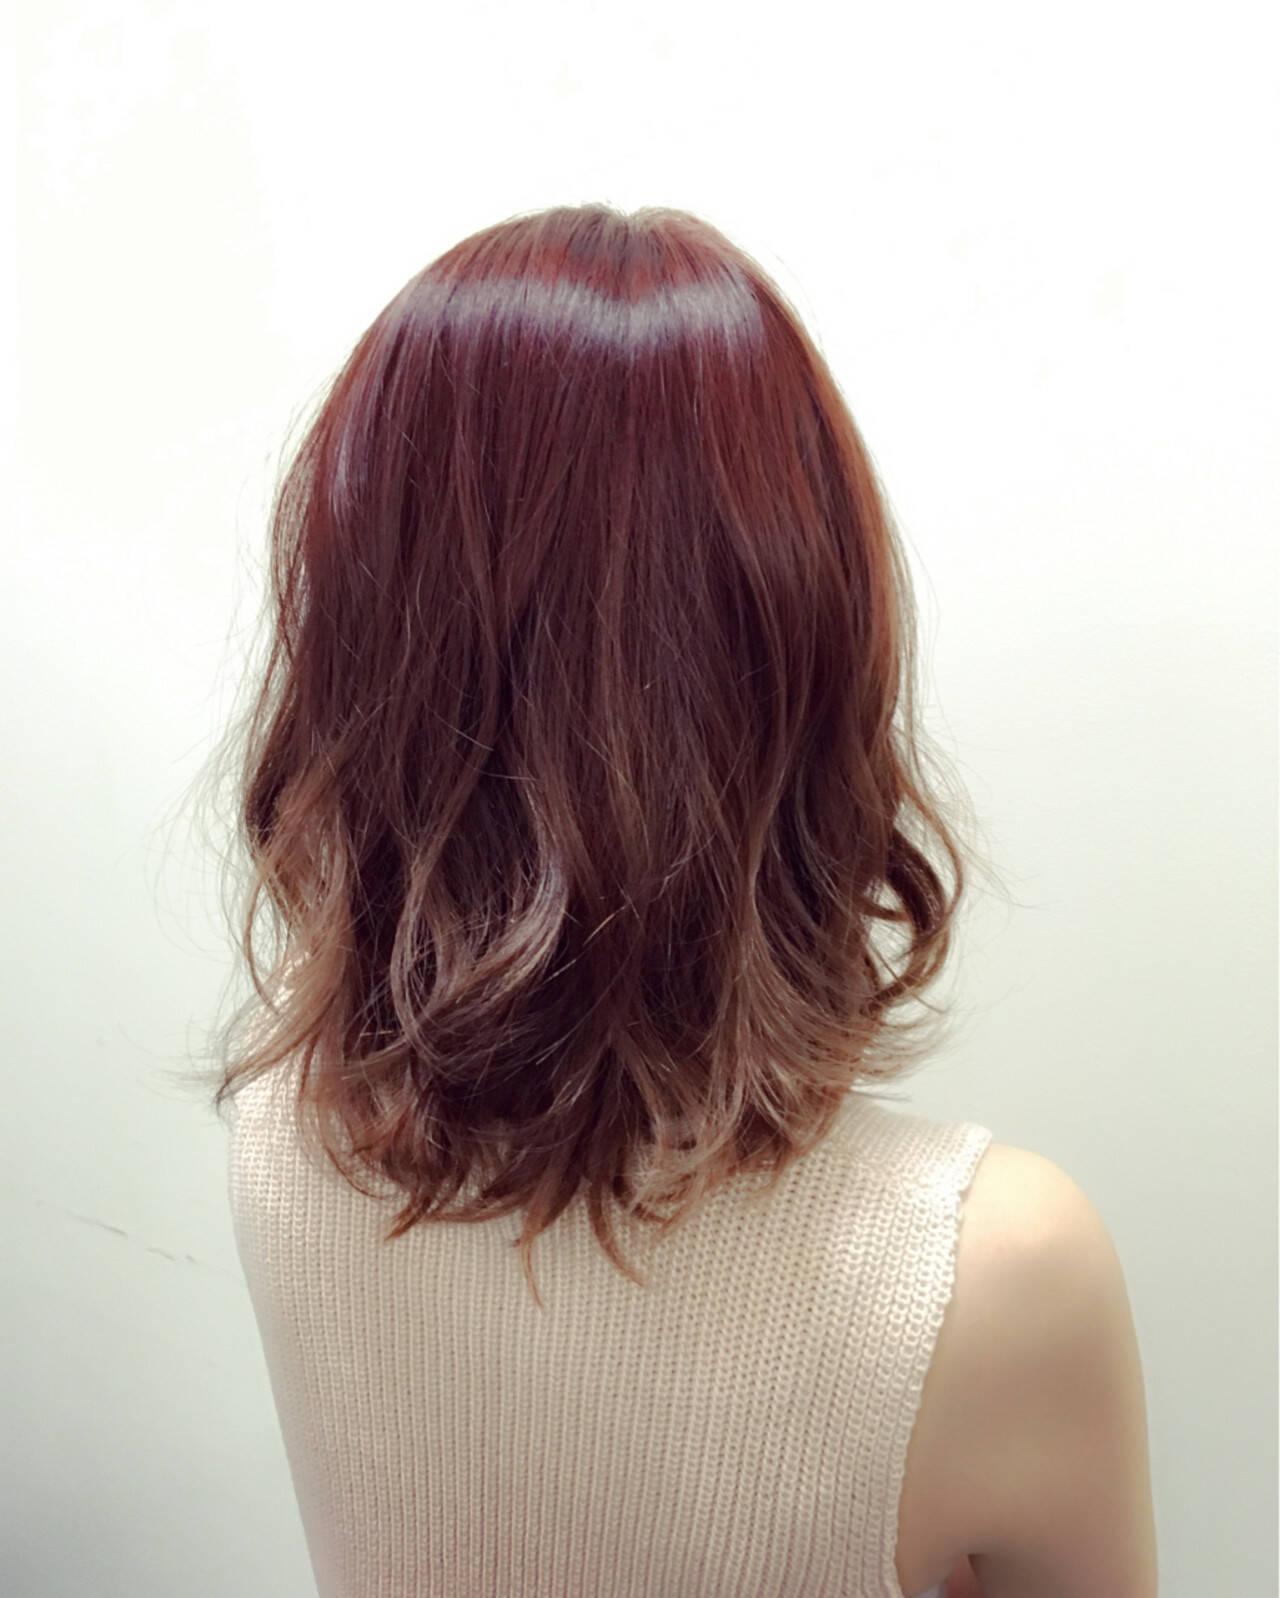 ミディアム ゆるふわ 艶髪 大人かわいいヘアスタイルや髪型の写真・画像